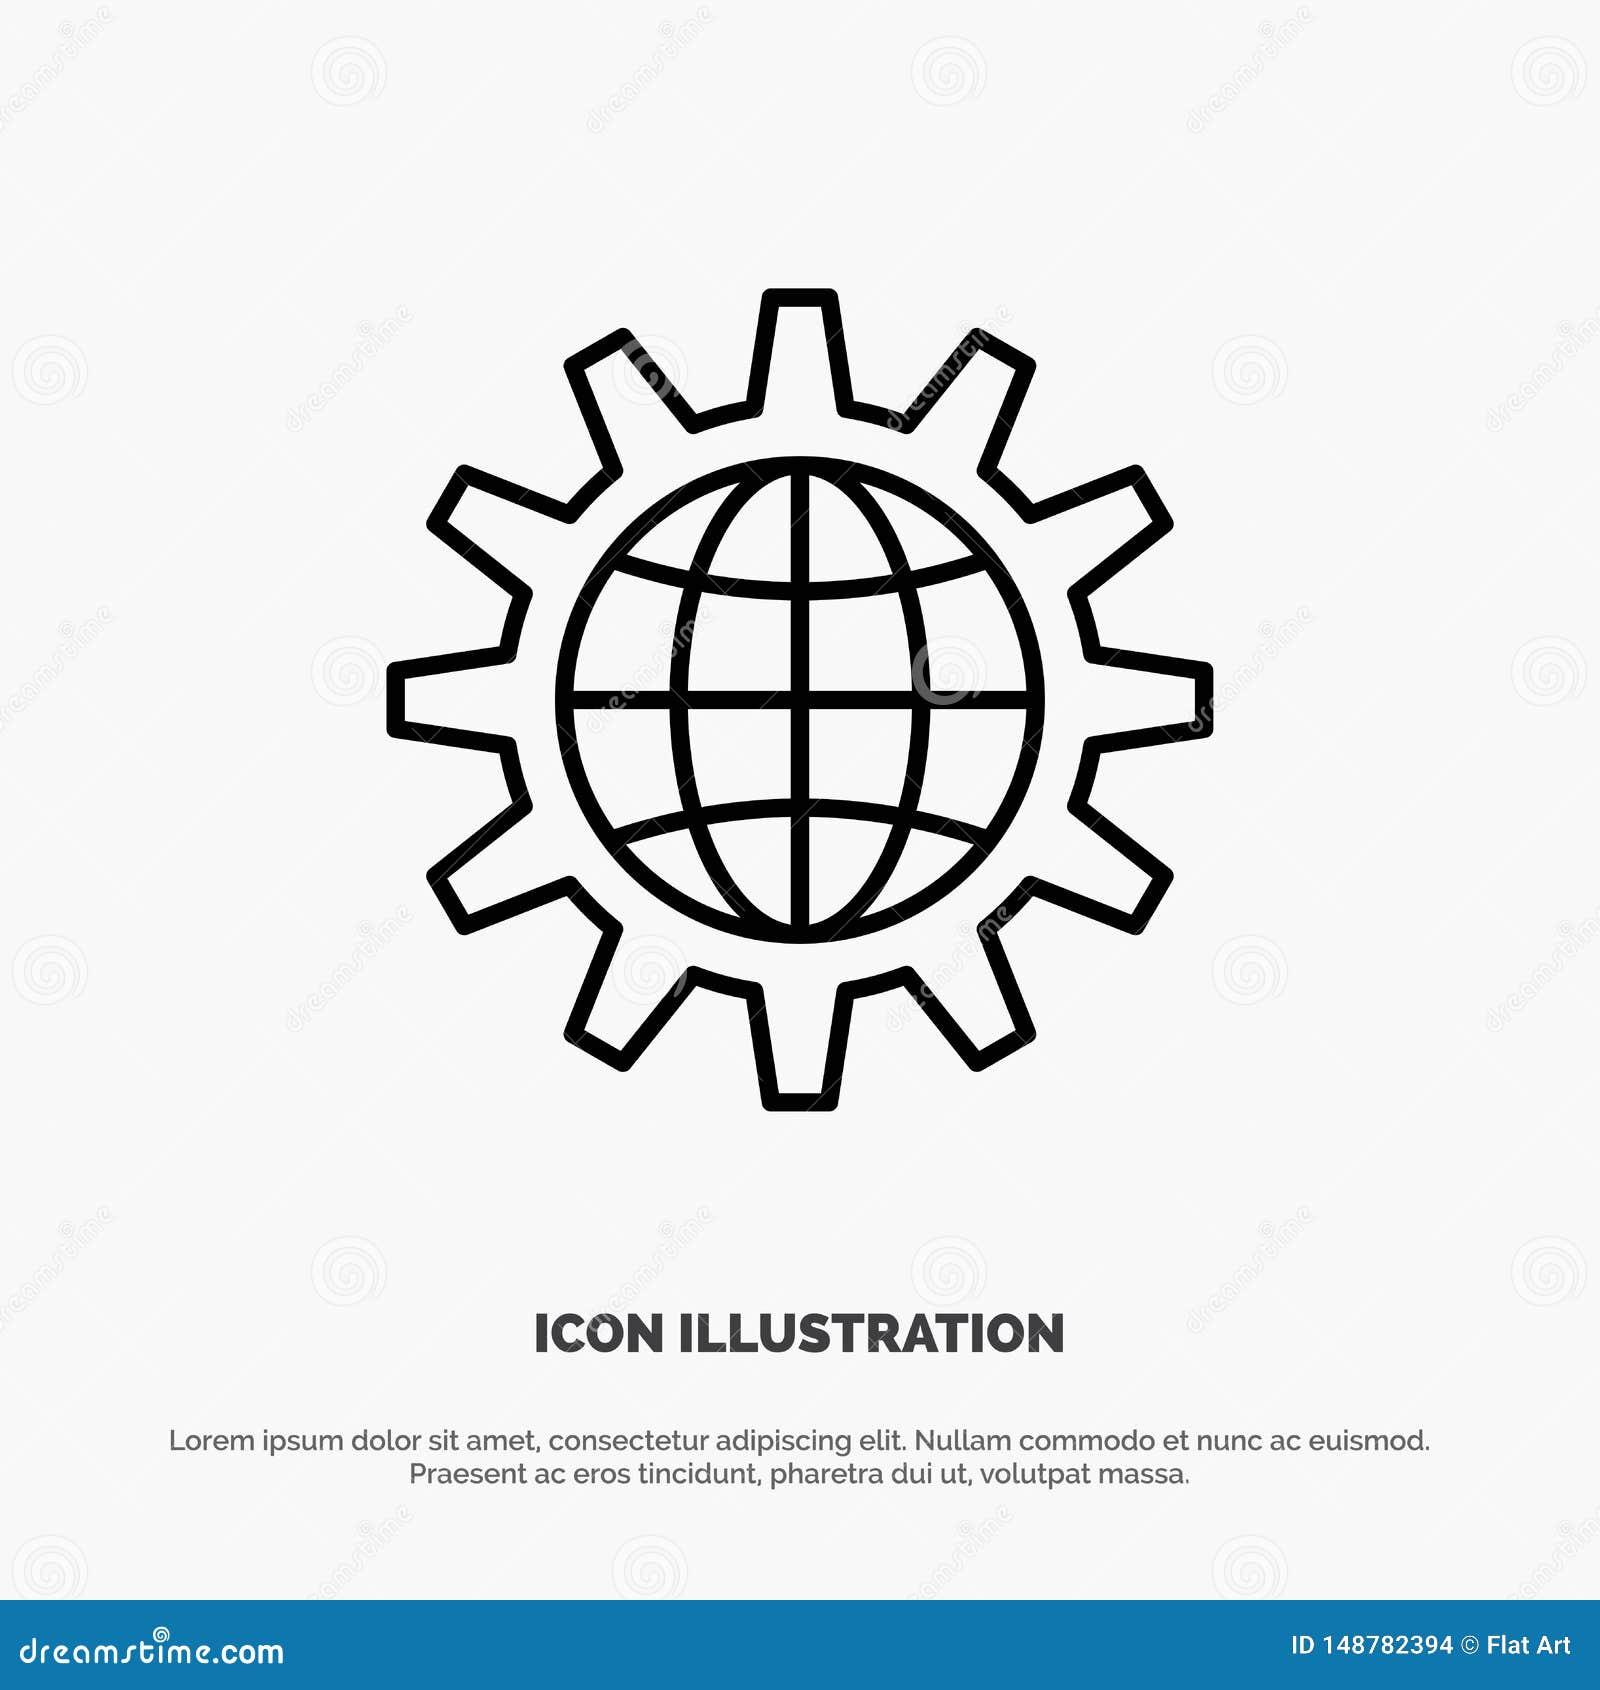 Globalny, biznesowy, deweloperski, rozwojowy, narzędzi, pracy, wektor ikon linii światowej